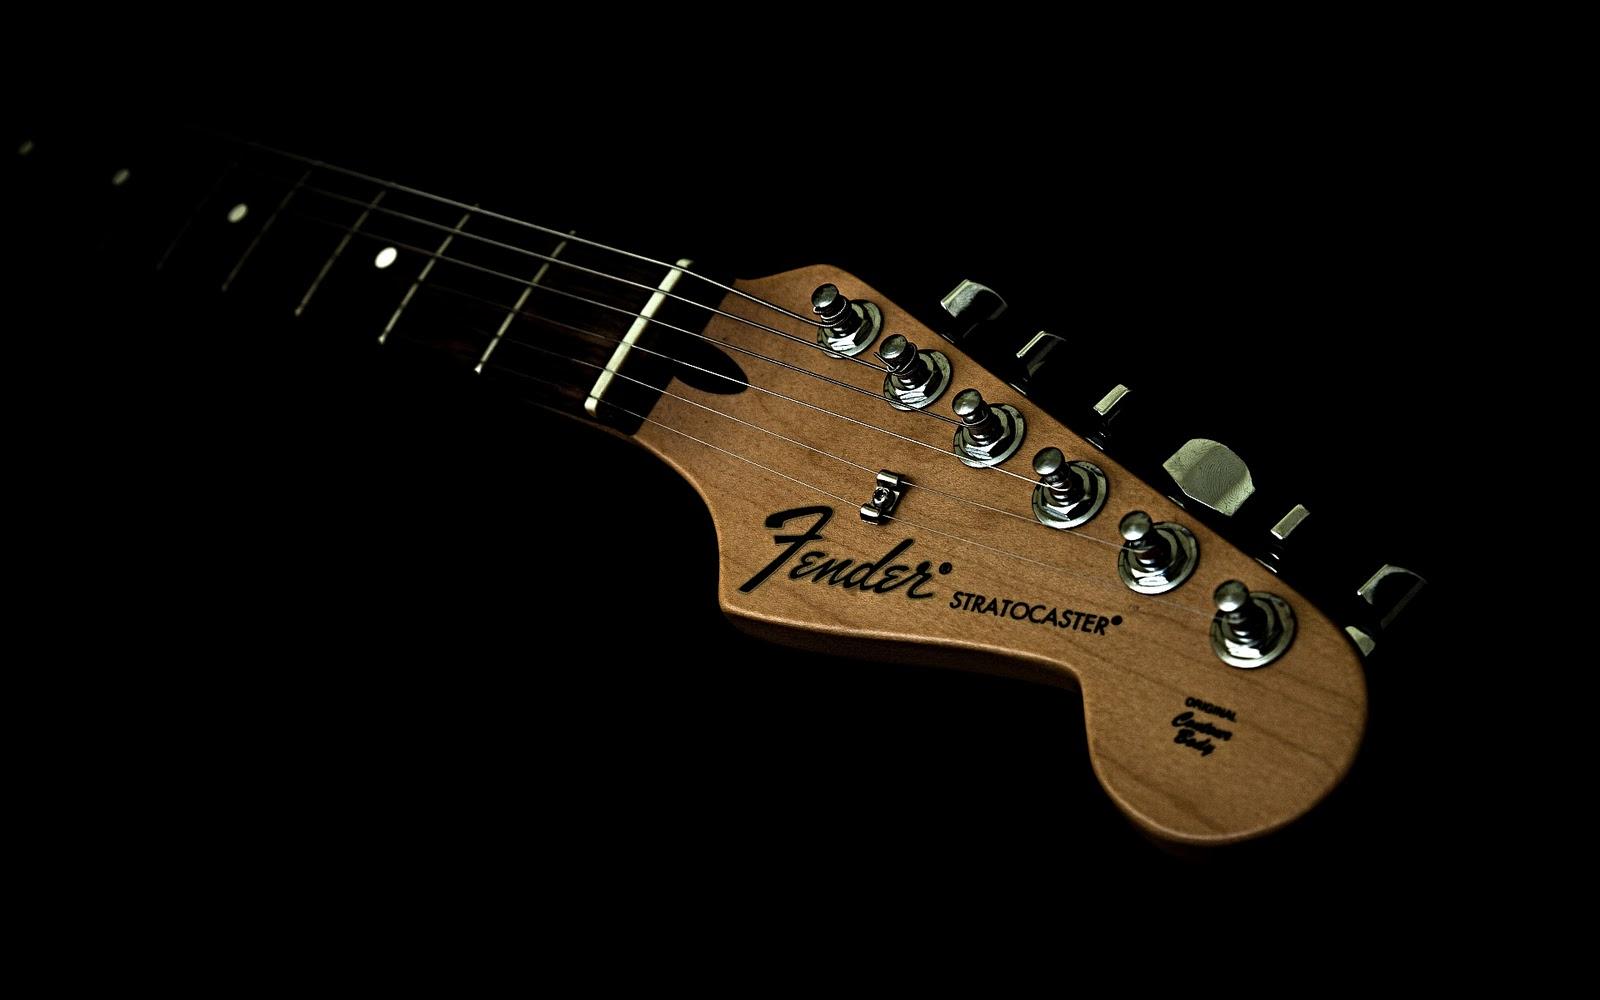 http://4.bp.blogspot.com/-YWf0k4__dTM/TV_ixmm7REI/AAAAAAAAAT8/dSZ4tWZYuhs/s1600/Fender%2BStratocaster%2BHeadstock%2BHead%2BStrings%2BTuners%2BNeck%2BMusic%2BDesktop%2BHD%2BWallpaper%2B1920x1200%2BGreat%2BGuitar%2BSound%2Bwww.GreatGuitarSound.Blogspot.com.